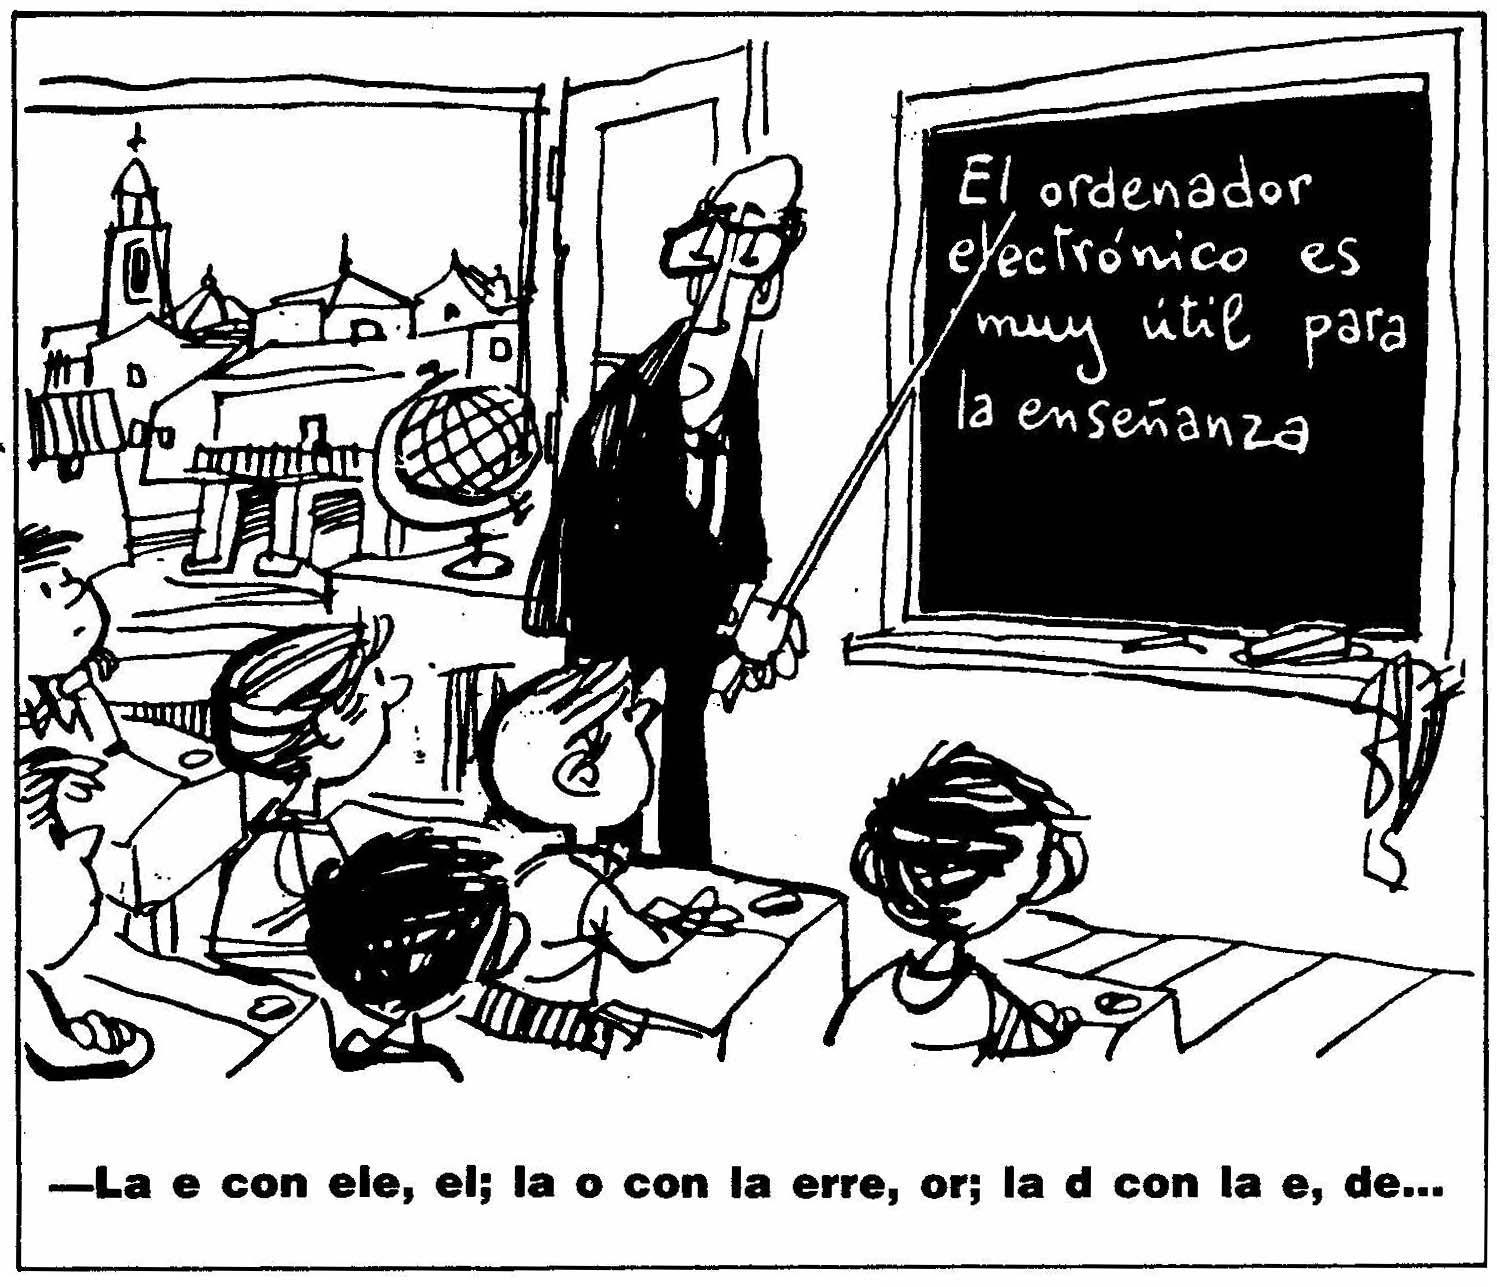 filosofia educacion definicion: